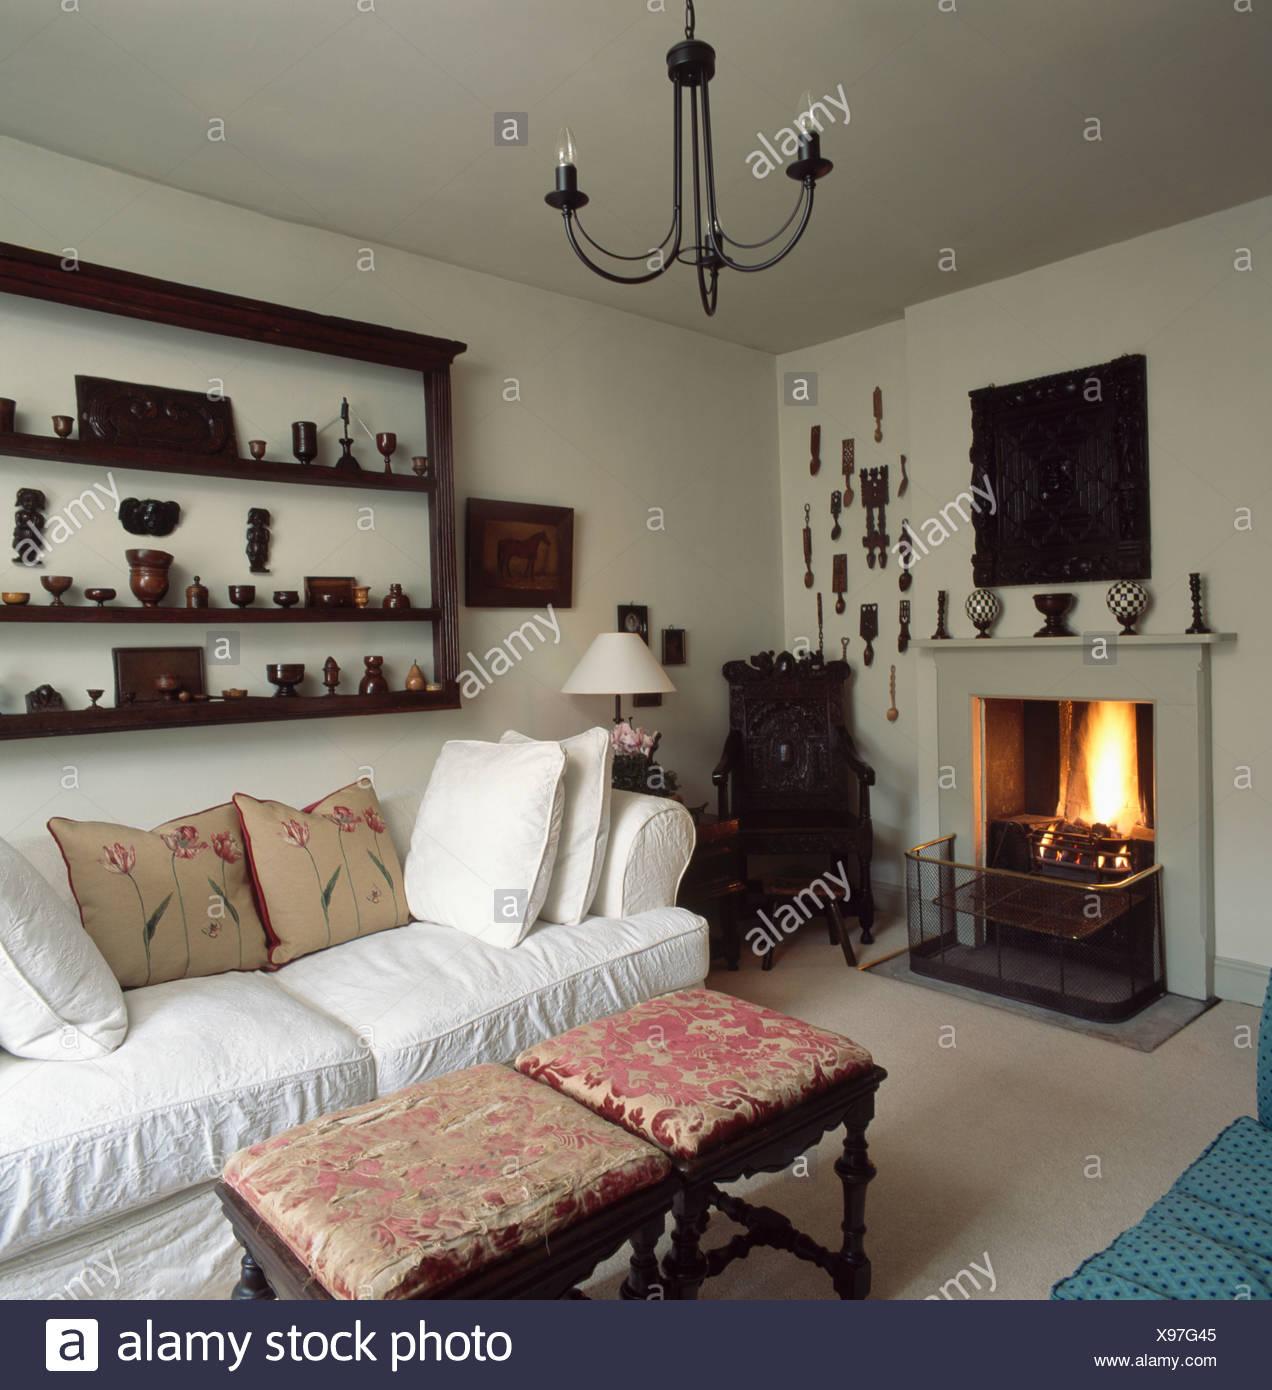 Sammlung Von Treen Auf Antiken Regalen über Weißen Sofa Im Wohnzimmer Land  Mit Brennenden Feuer Im Kamin